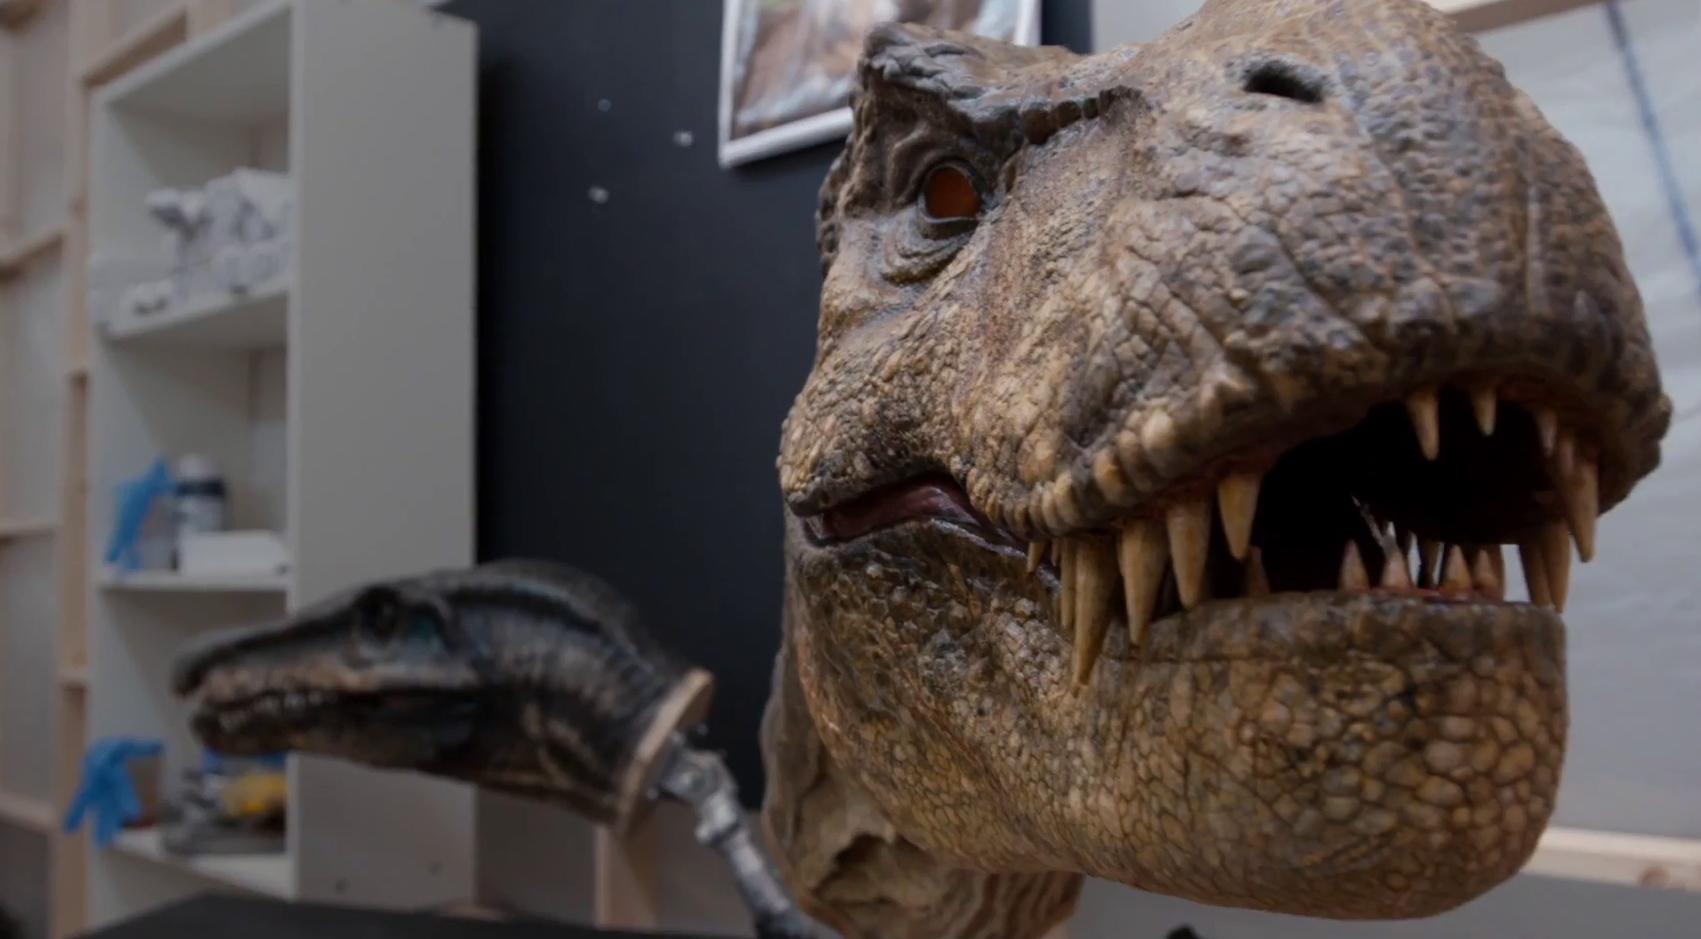 A Tyrannosaurus rex aprólékosan kidolgozott mellszobra mögött a Baryonyx feje látható